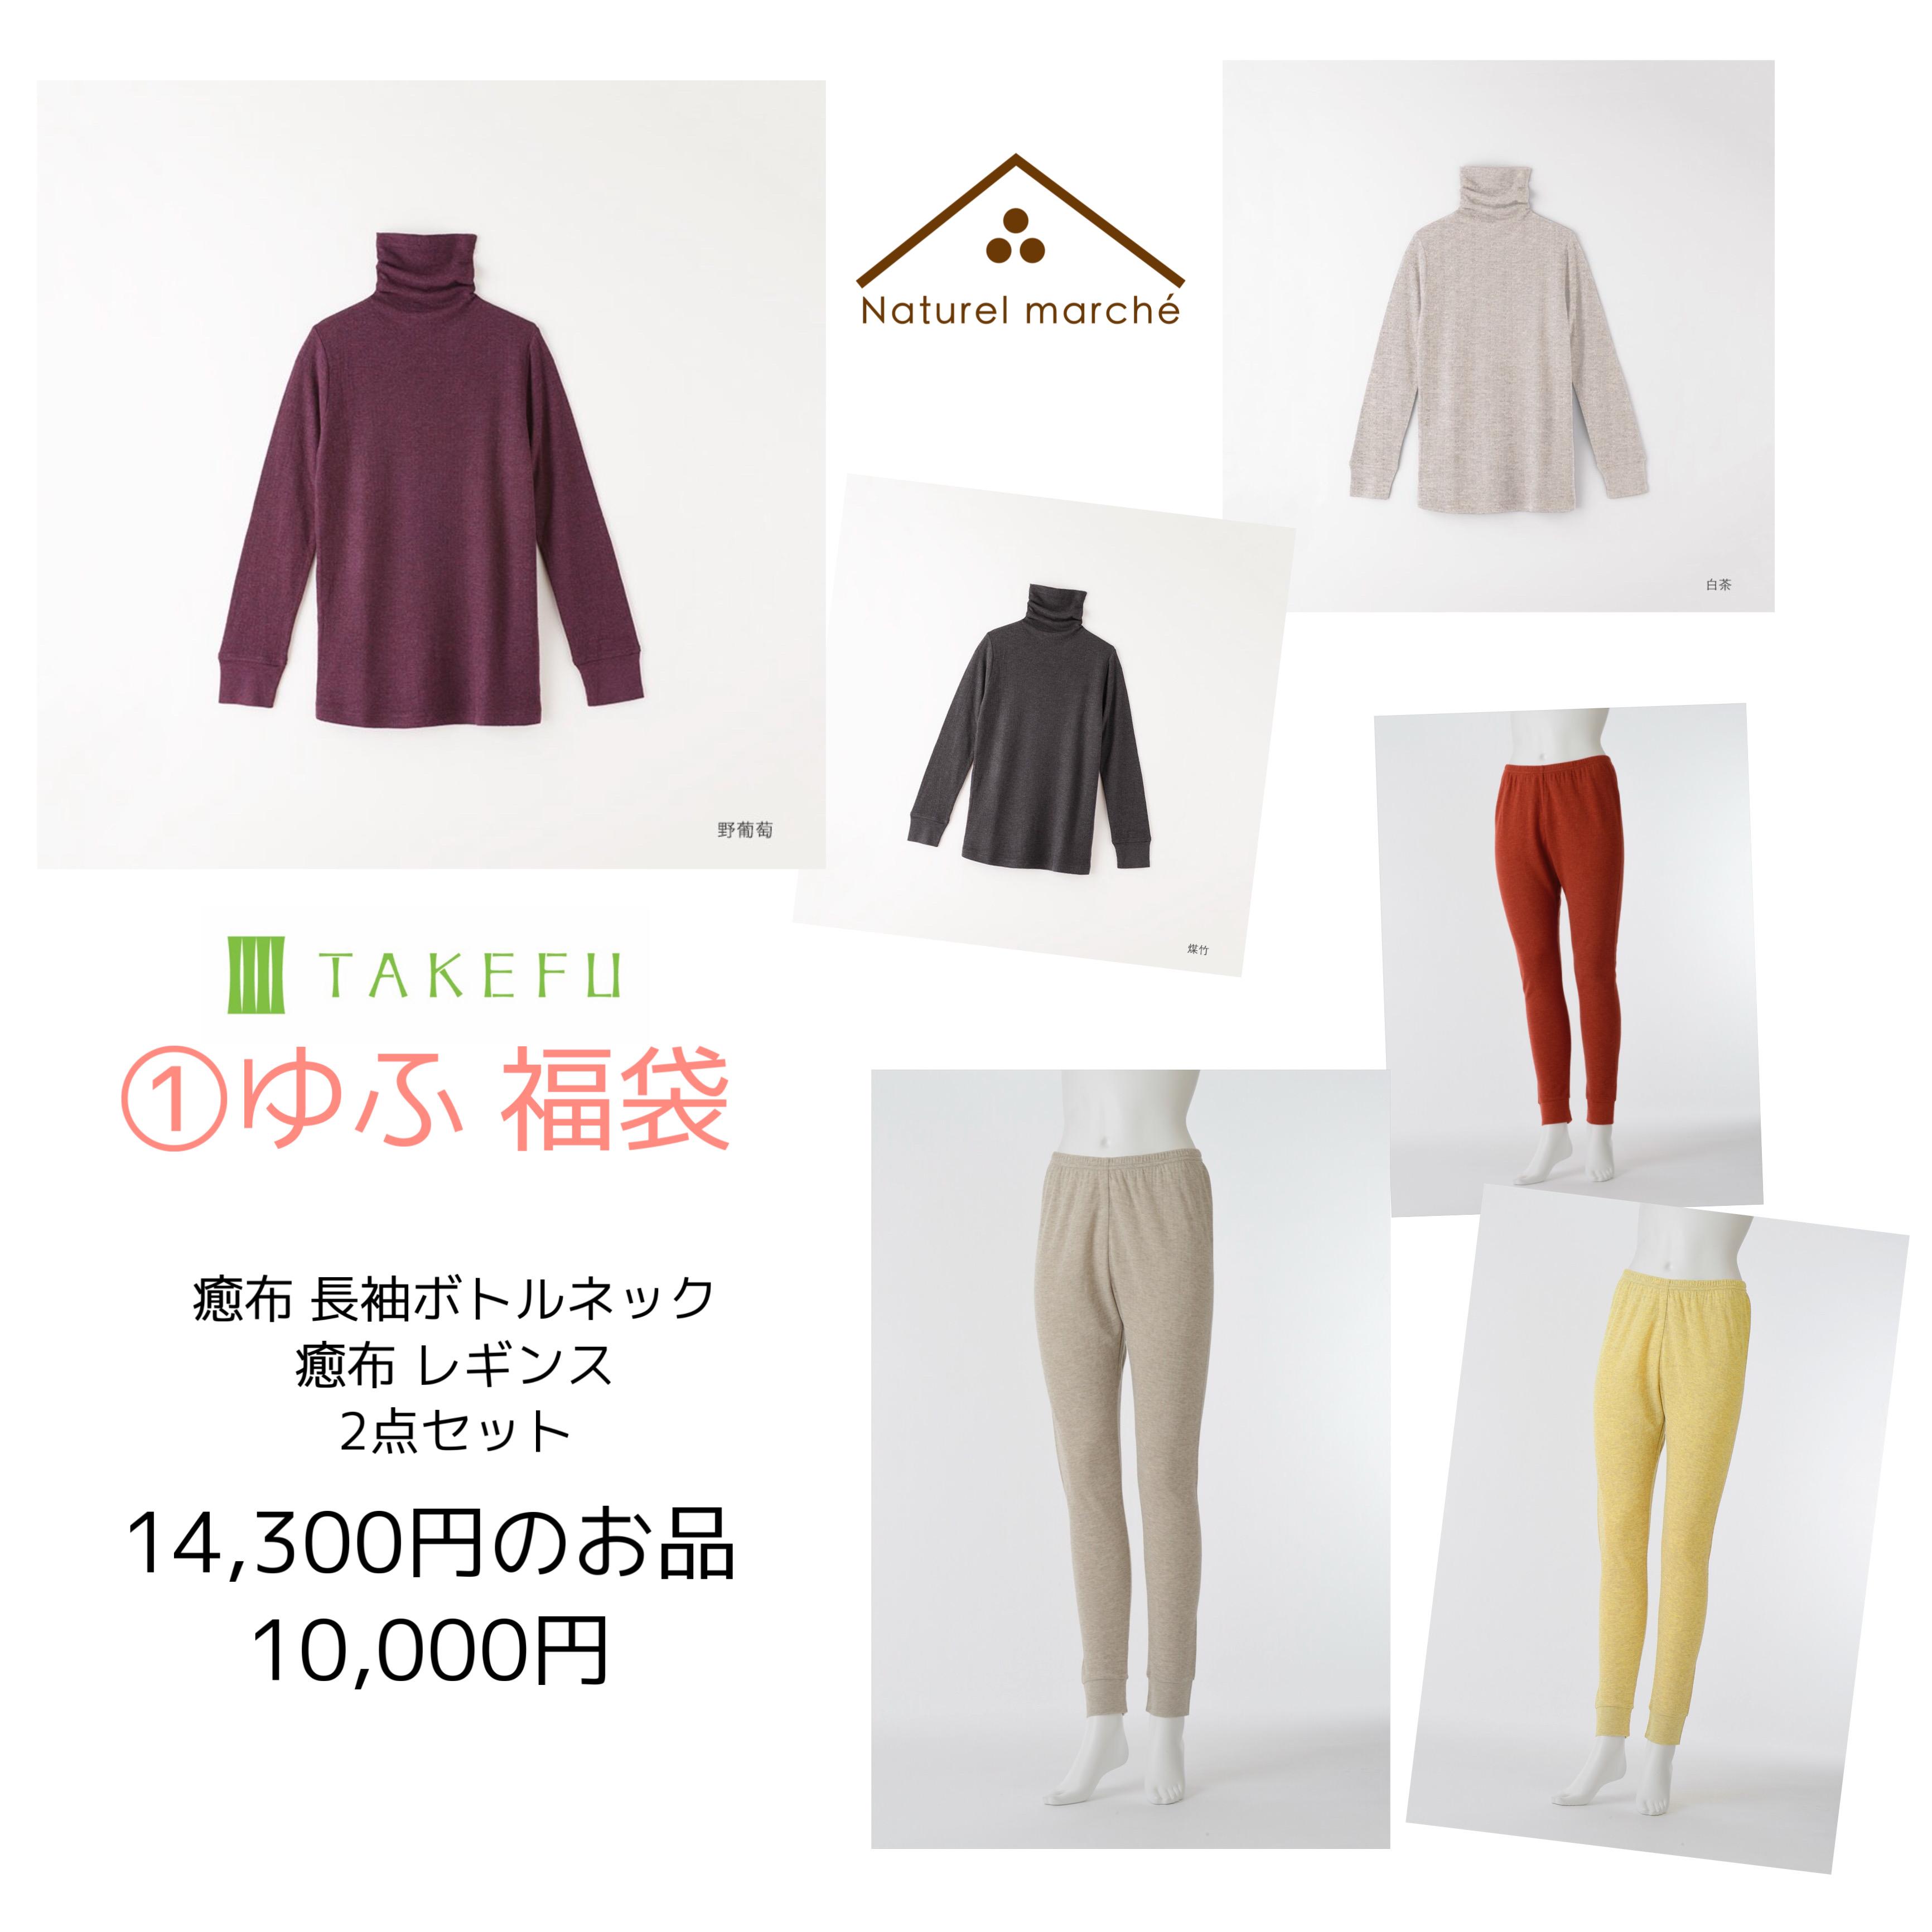 【終了】TAKEFUの福袋のご予約受付が始まりました。